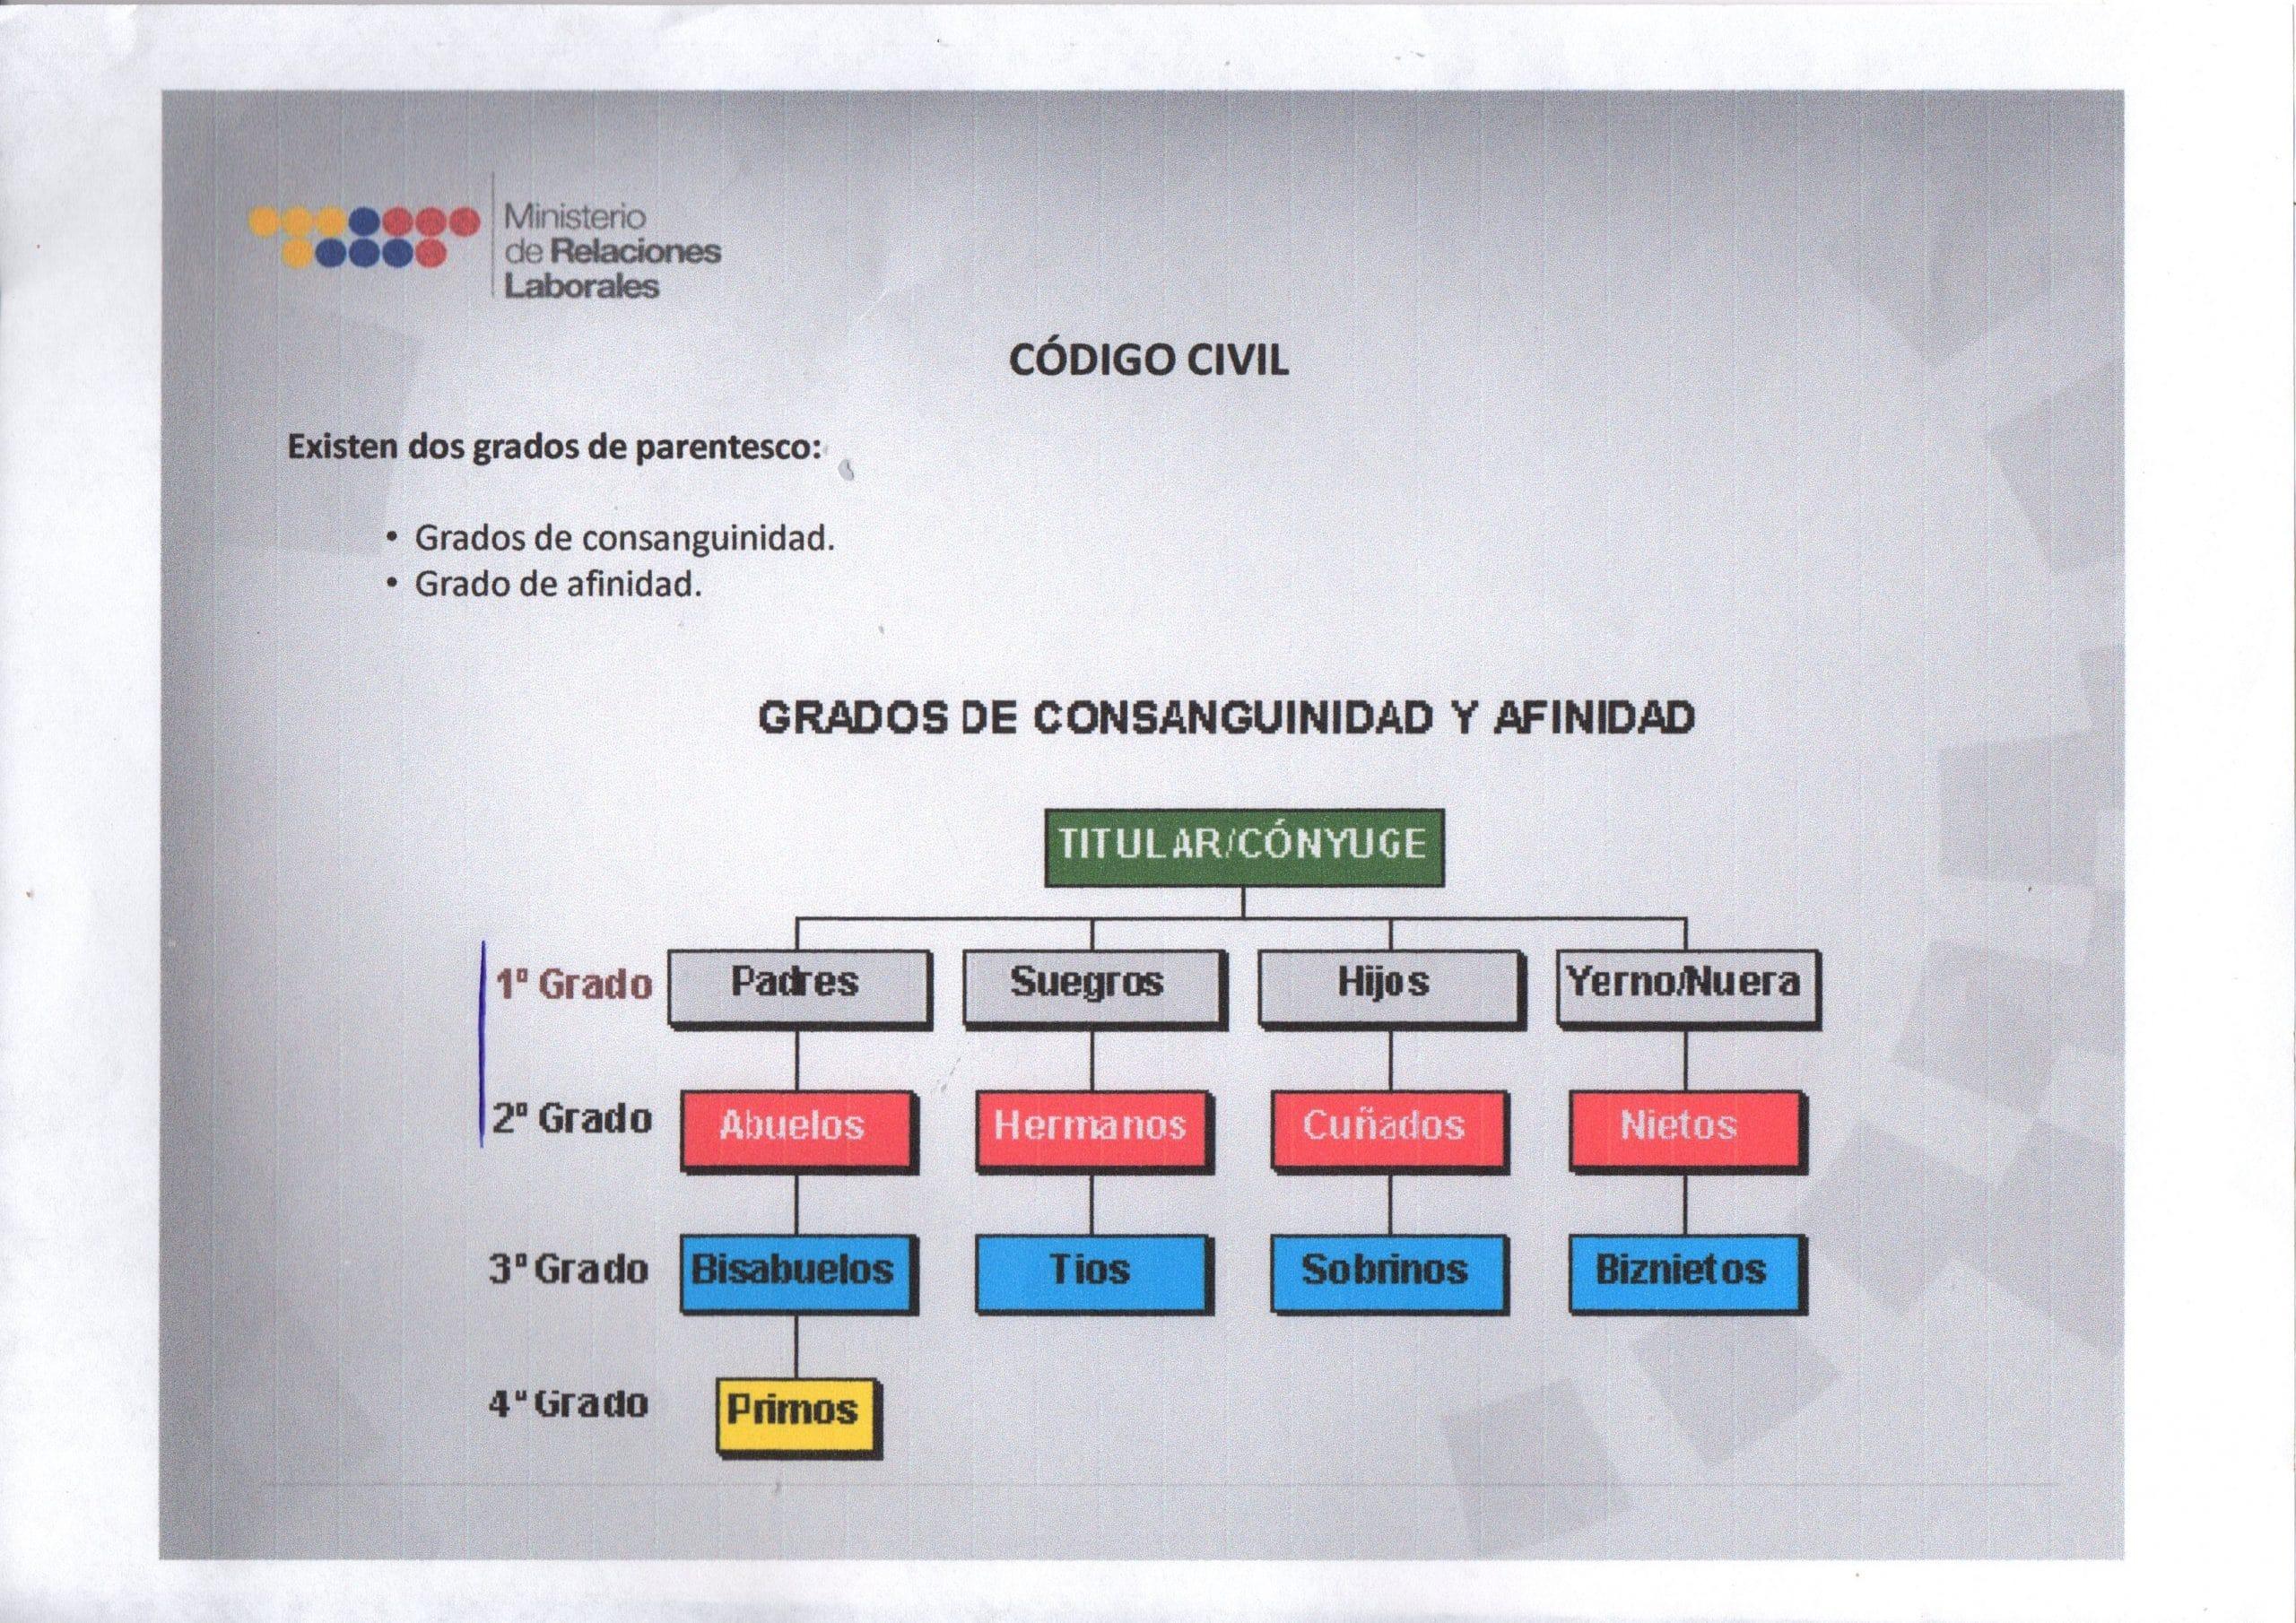 grados de consanguinidad y afinidad en Ecuador